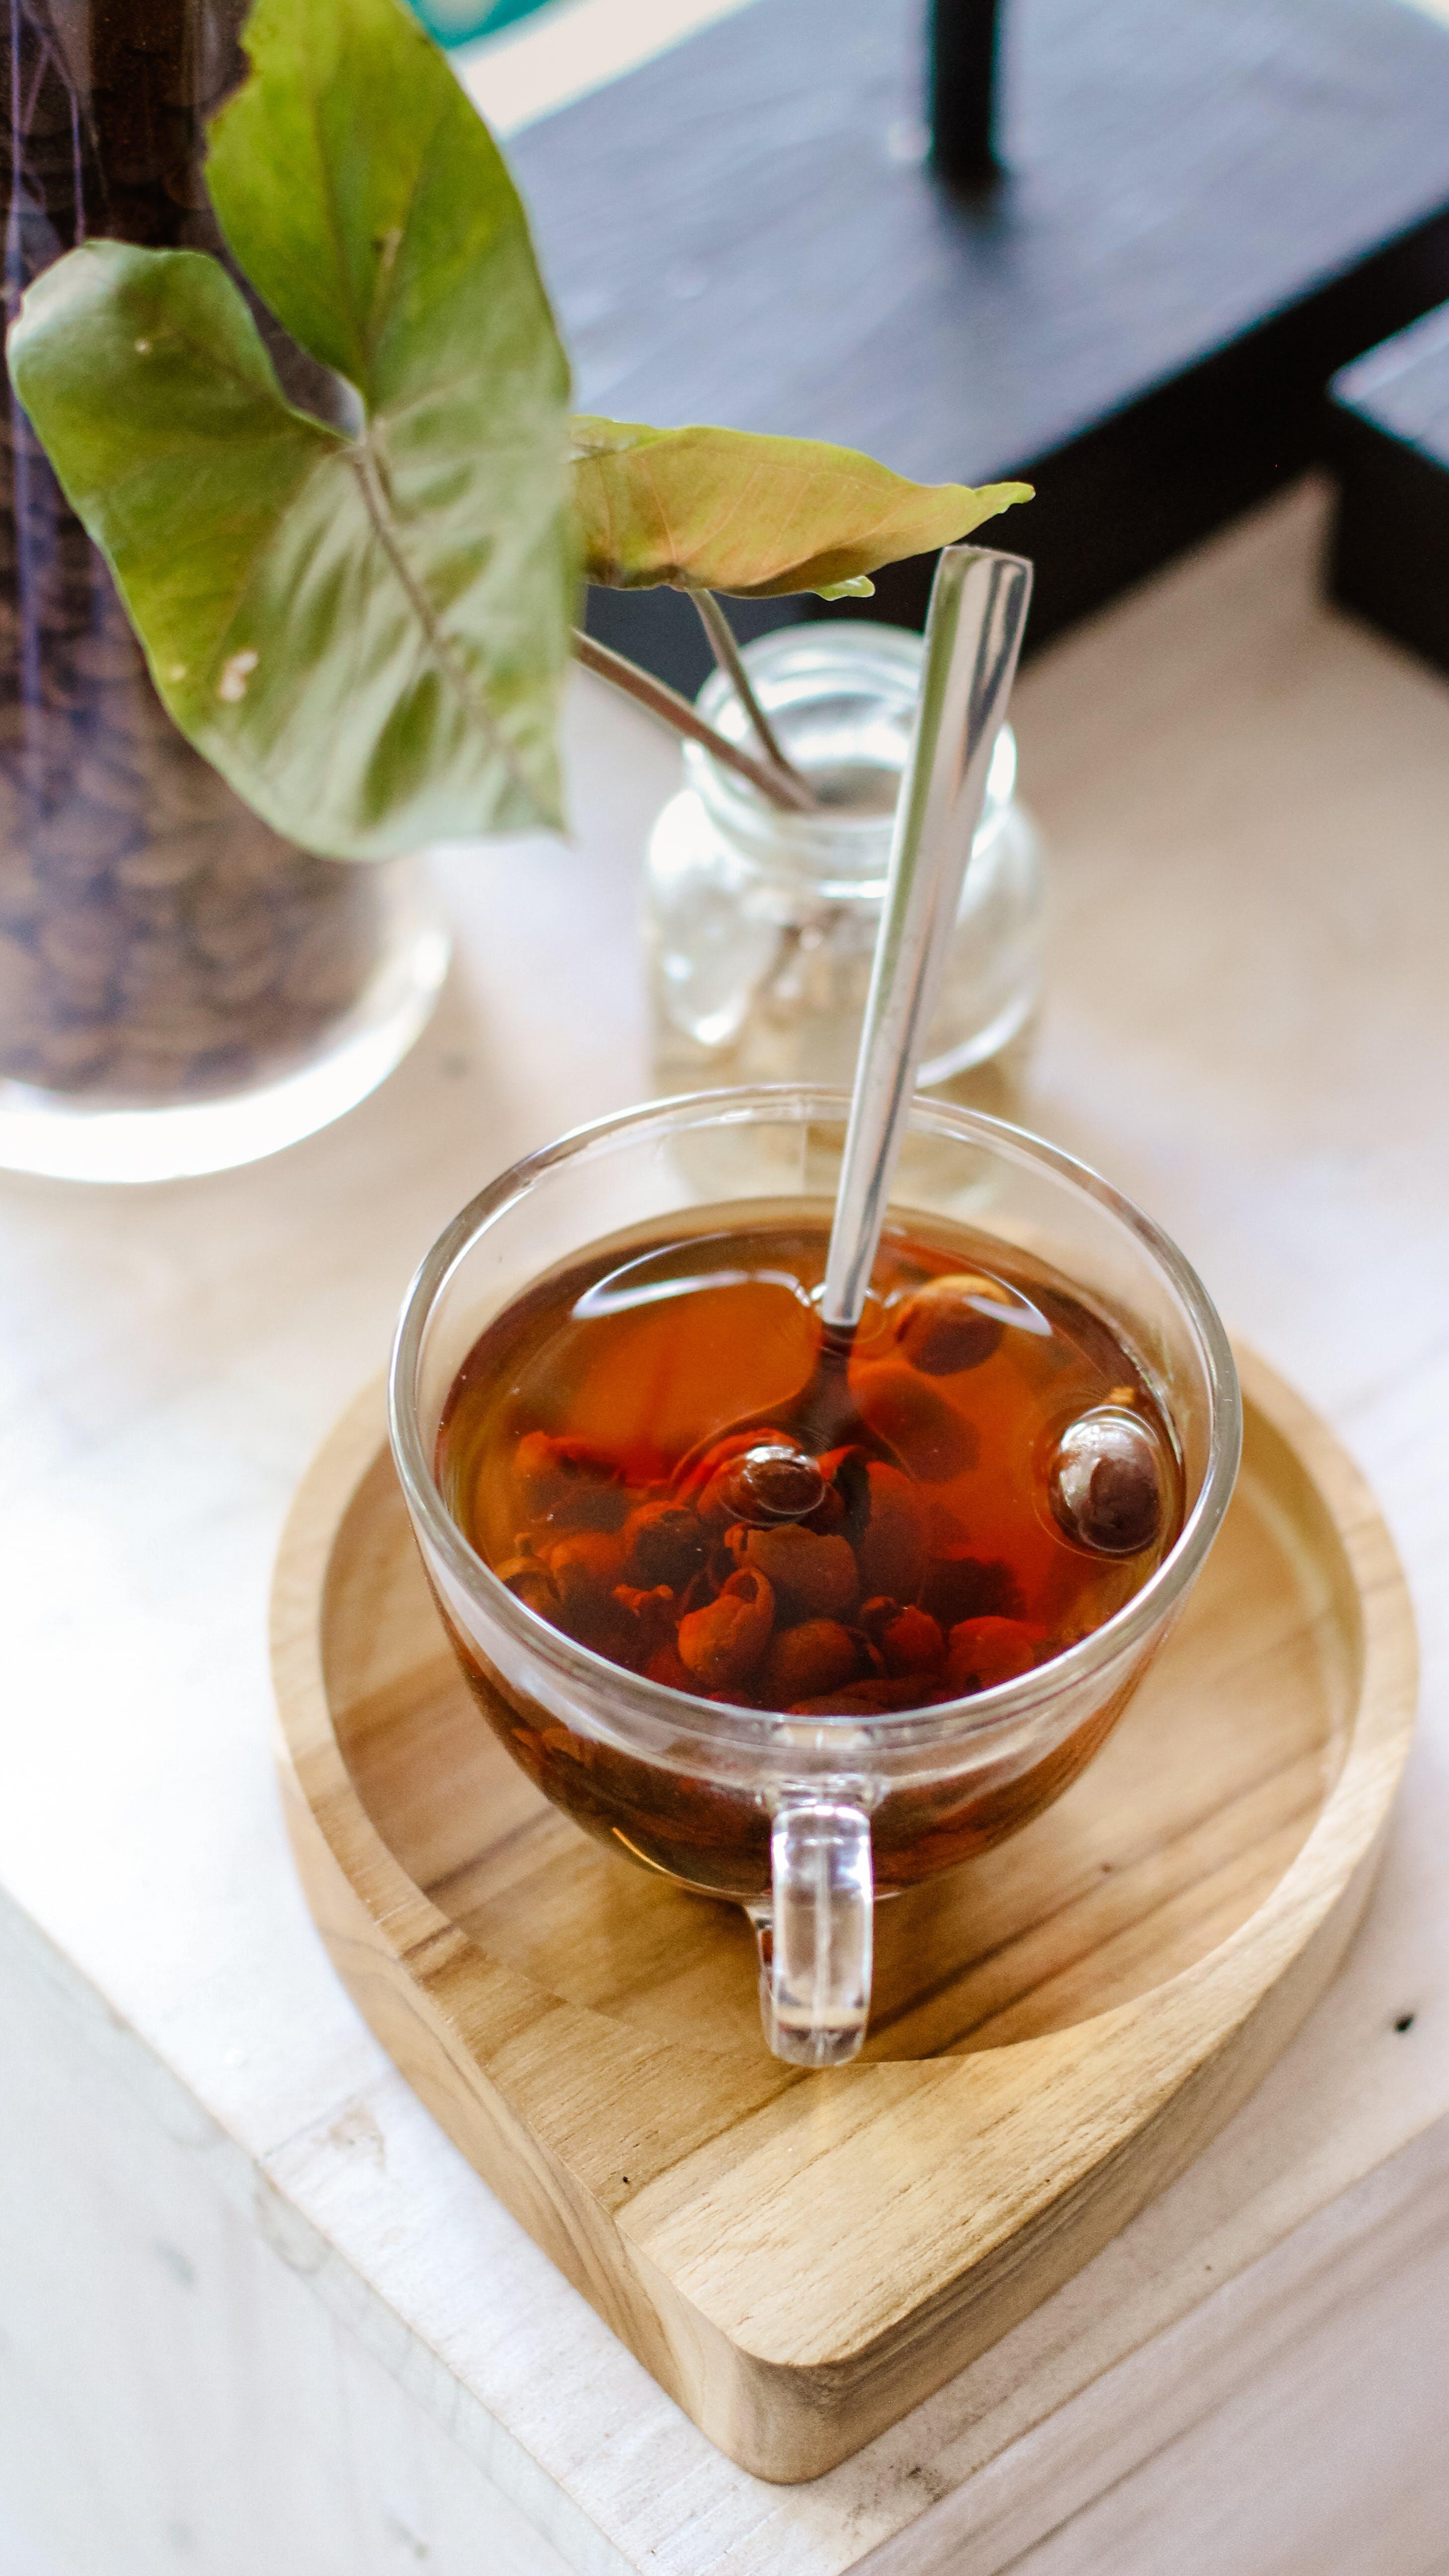 Gratis stockfoto met drank, drinken, heerlijk, koffiemok